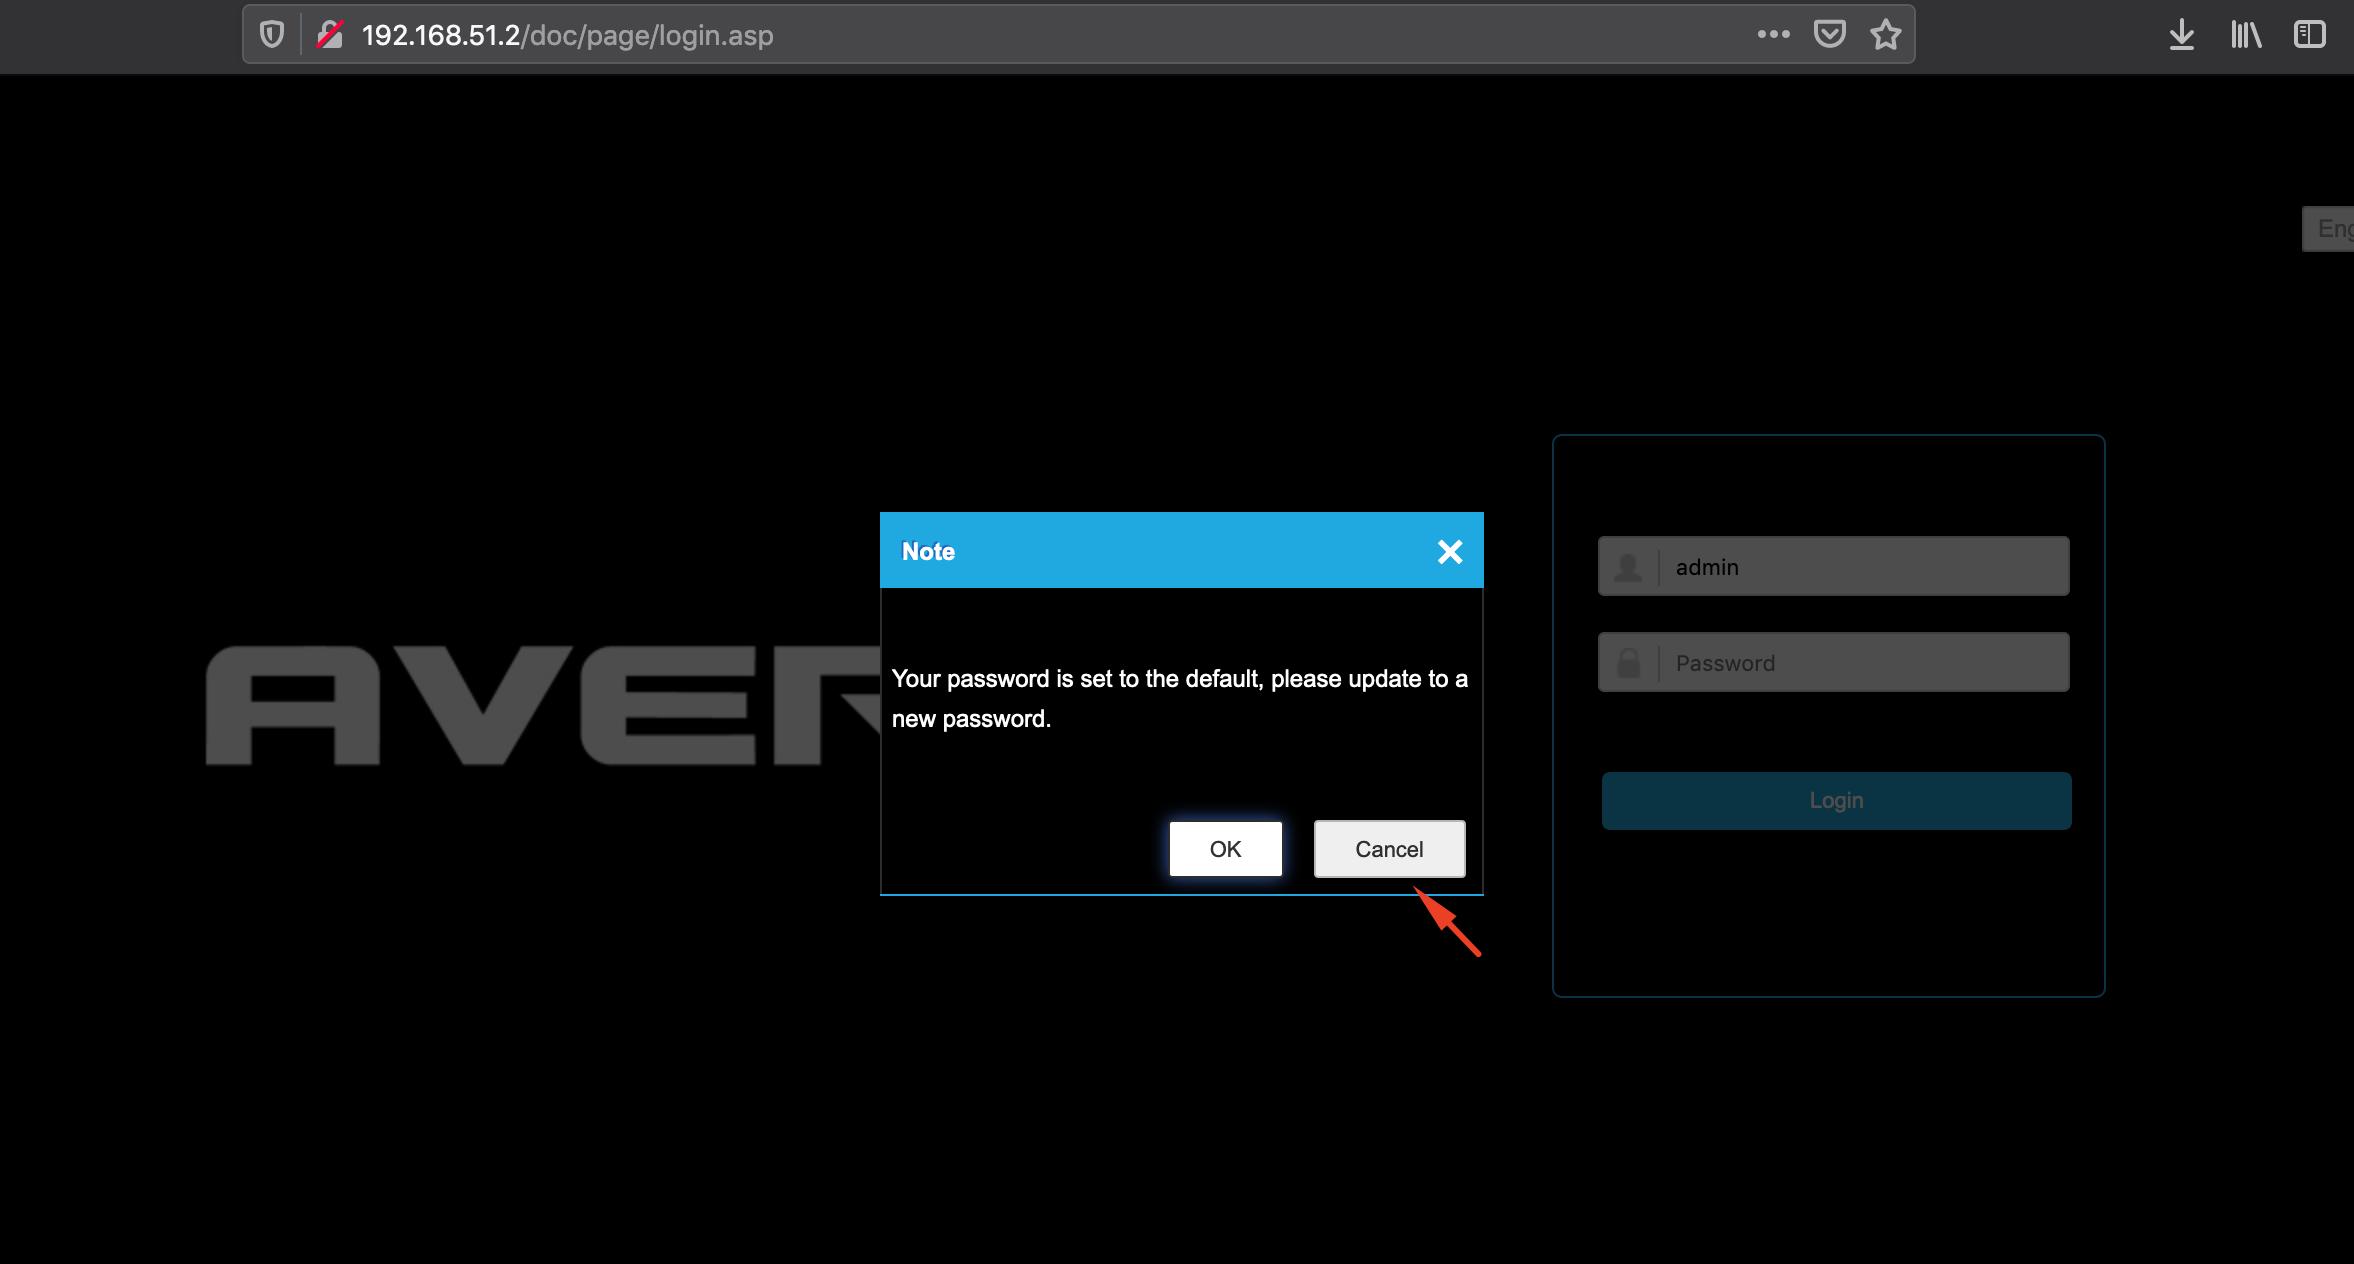 AvertX IPカメラには、ユーザーに管理アカウントのデフォルト パスワードの変更を提案するポップアップ ウィンドウが表示されますが、この提案は無視できます。